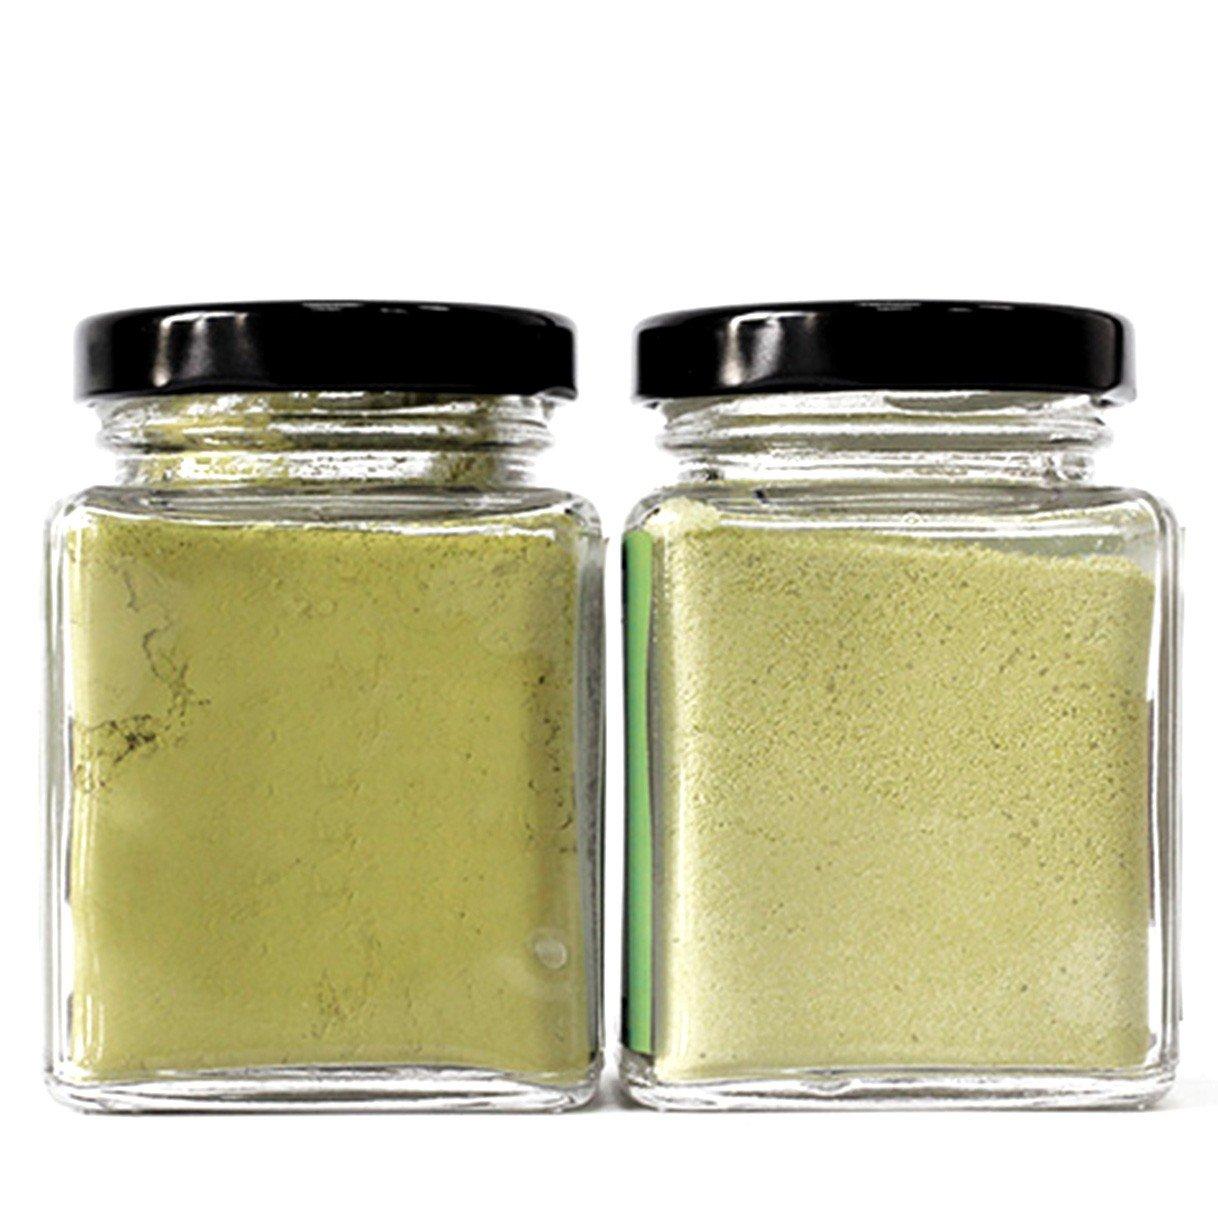 Hũ 30g - Bột trà xanh matcha nguyên chất nhập khẩu Nhật - Green D Food